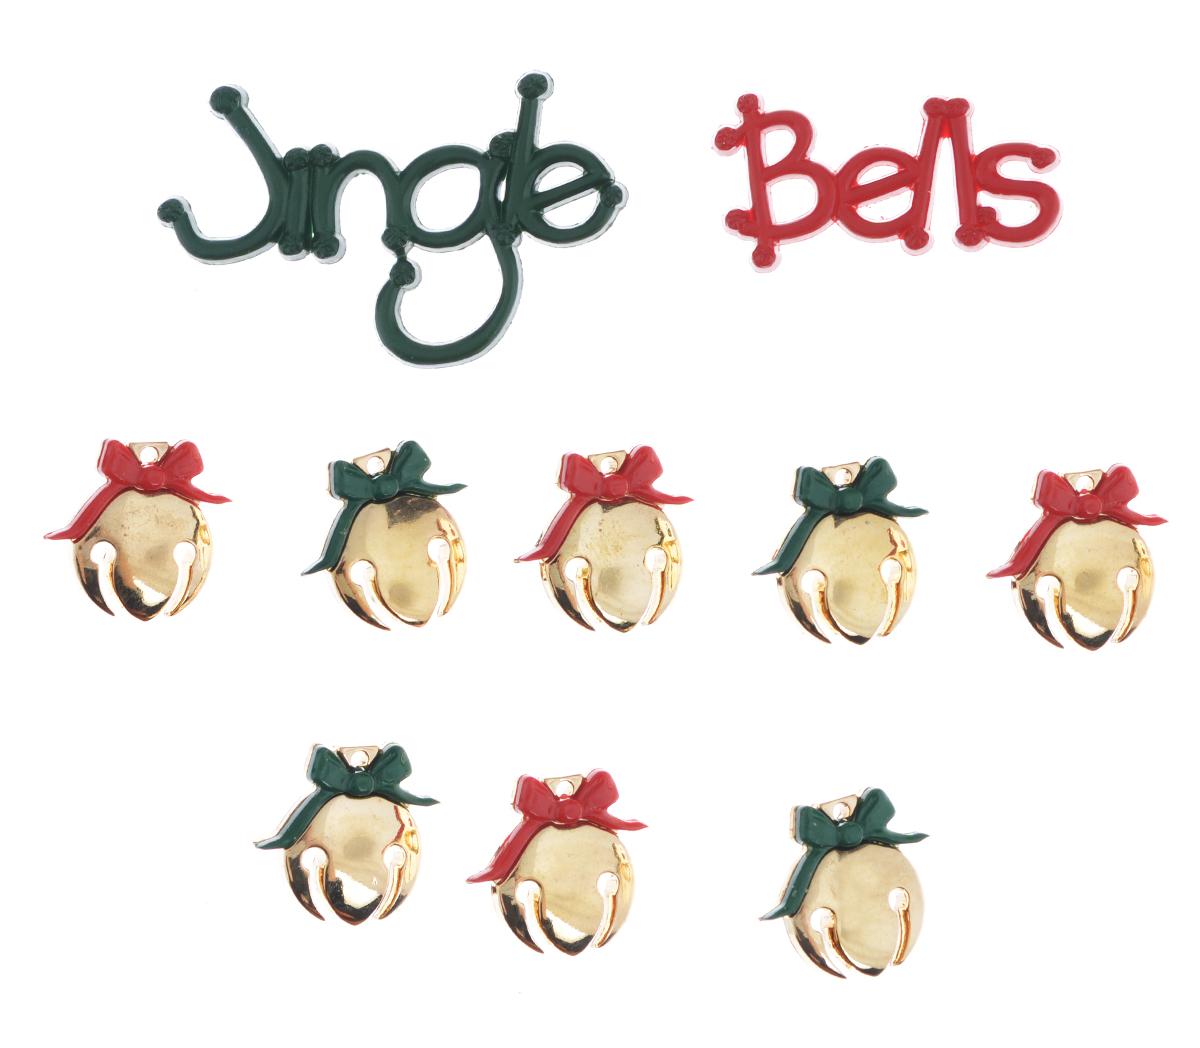 Пуговицы декоративные Dress it up Рождественские колокольчики, 10 шт7713499Пуговицы декоративные Dress it up Рождественские колокольчики состоит из 10 декоративных пуговиц, выполненных из цветного пластика в виде колокольчиков. Такие пуговицы подходят для любых видов творчества: скрапбукинга, декорирования, шитья, изготовления кукол, а также для оформления одежды. С их помощью вы сможете украсить открытку, фотографию, альбом, подарок и другие предметы ручной работы. Пуговицы разных цветов имеют оригинальный и яркий дизайн. Средний размер пуговиц: 1,3 см х 1,3 см х 0,3 см.